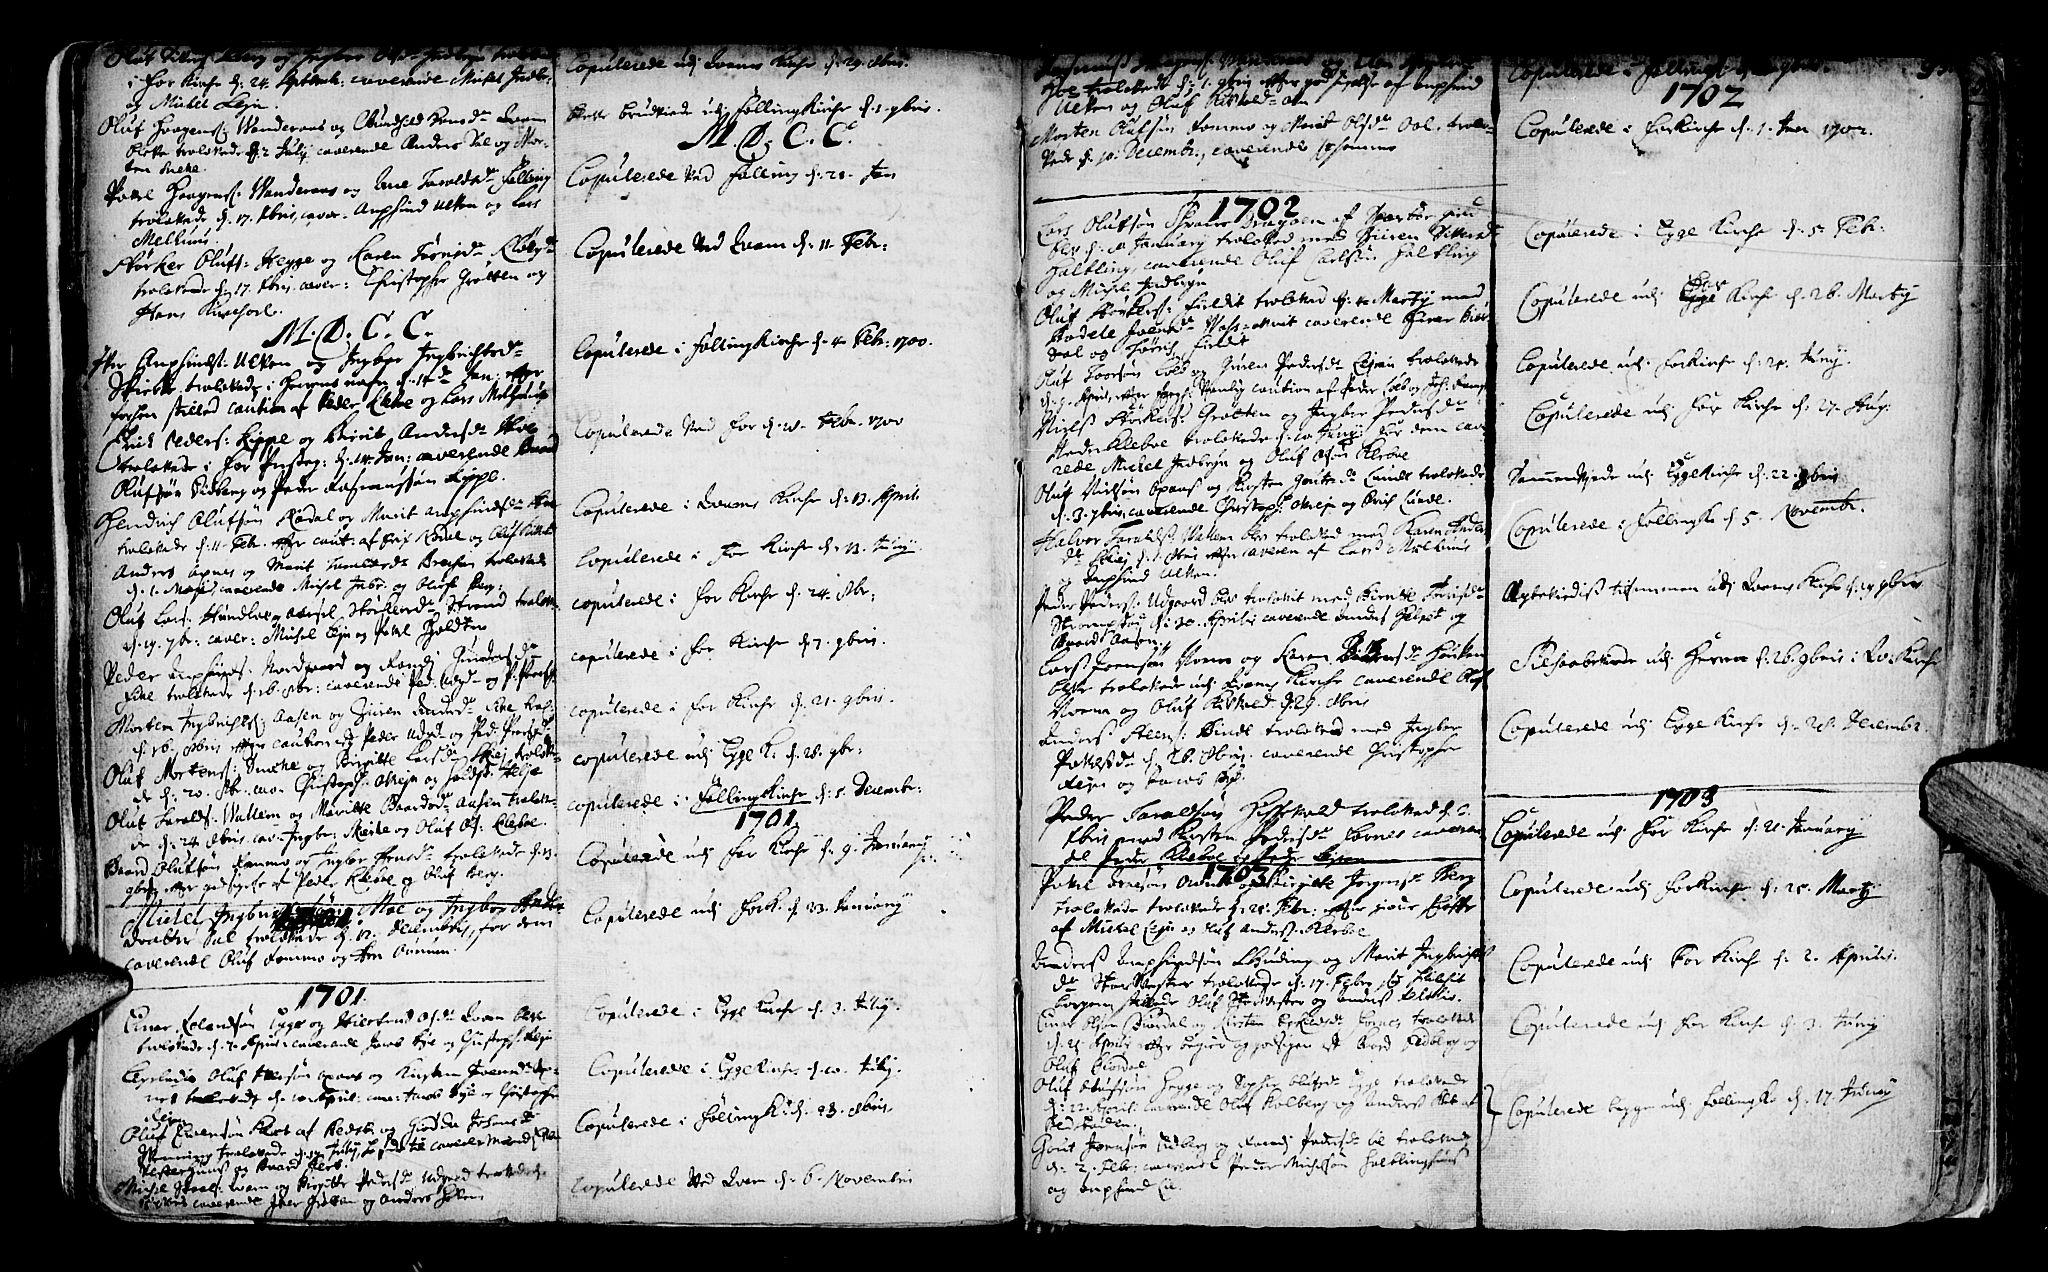 SAT, Ministerialprotokoller, klokkerbøker og fødselsregistre - Nord-Trøndelag, 746/L0439: Ministerialbok nr. 746A01, 1688-1759, s. 93